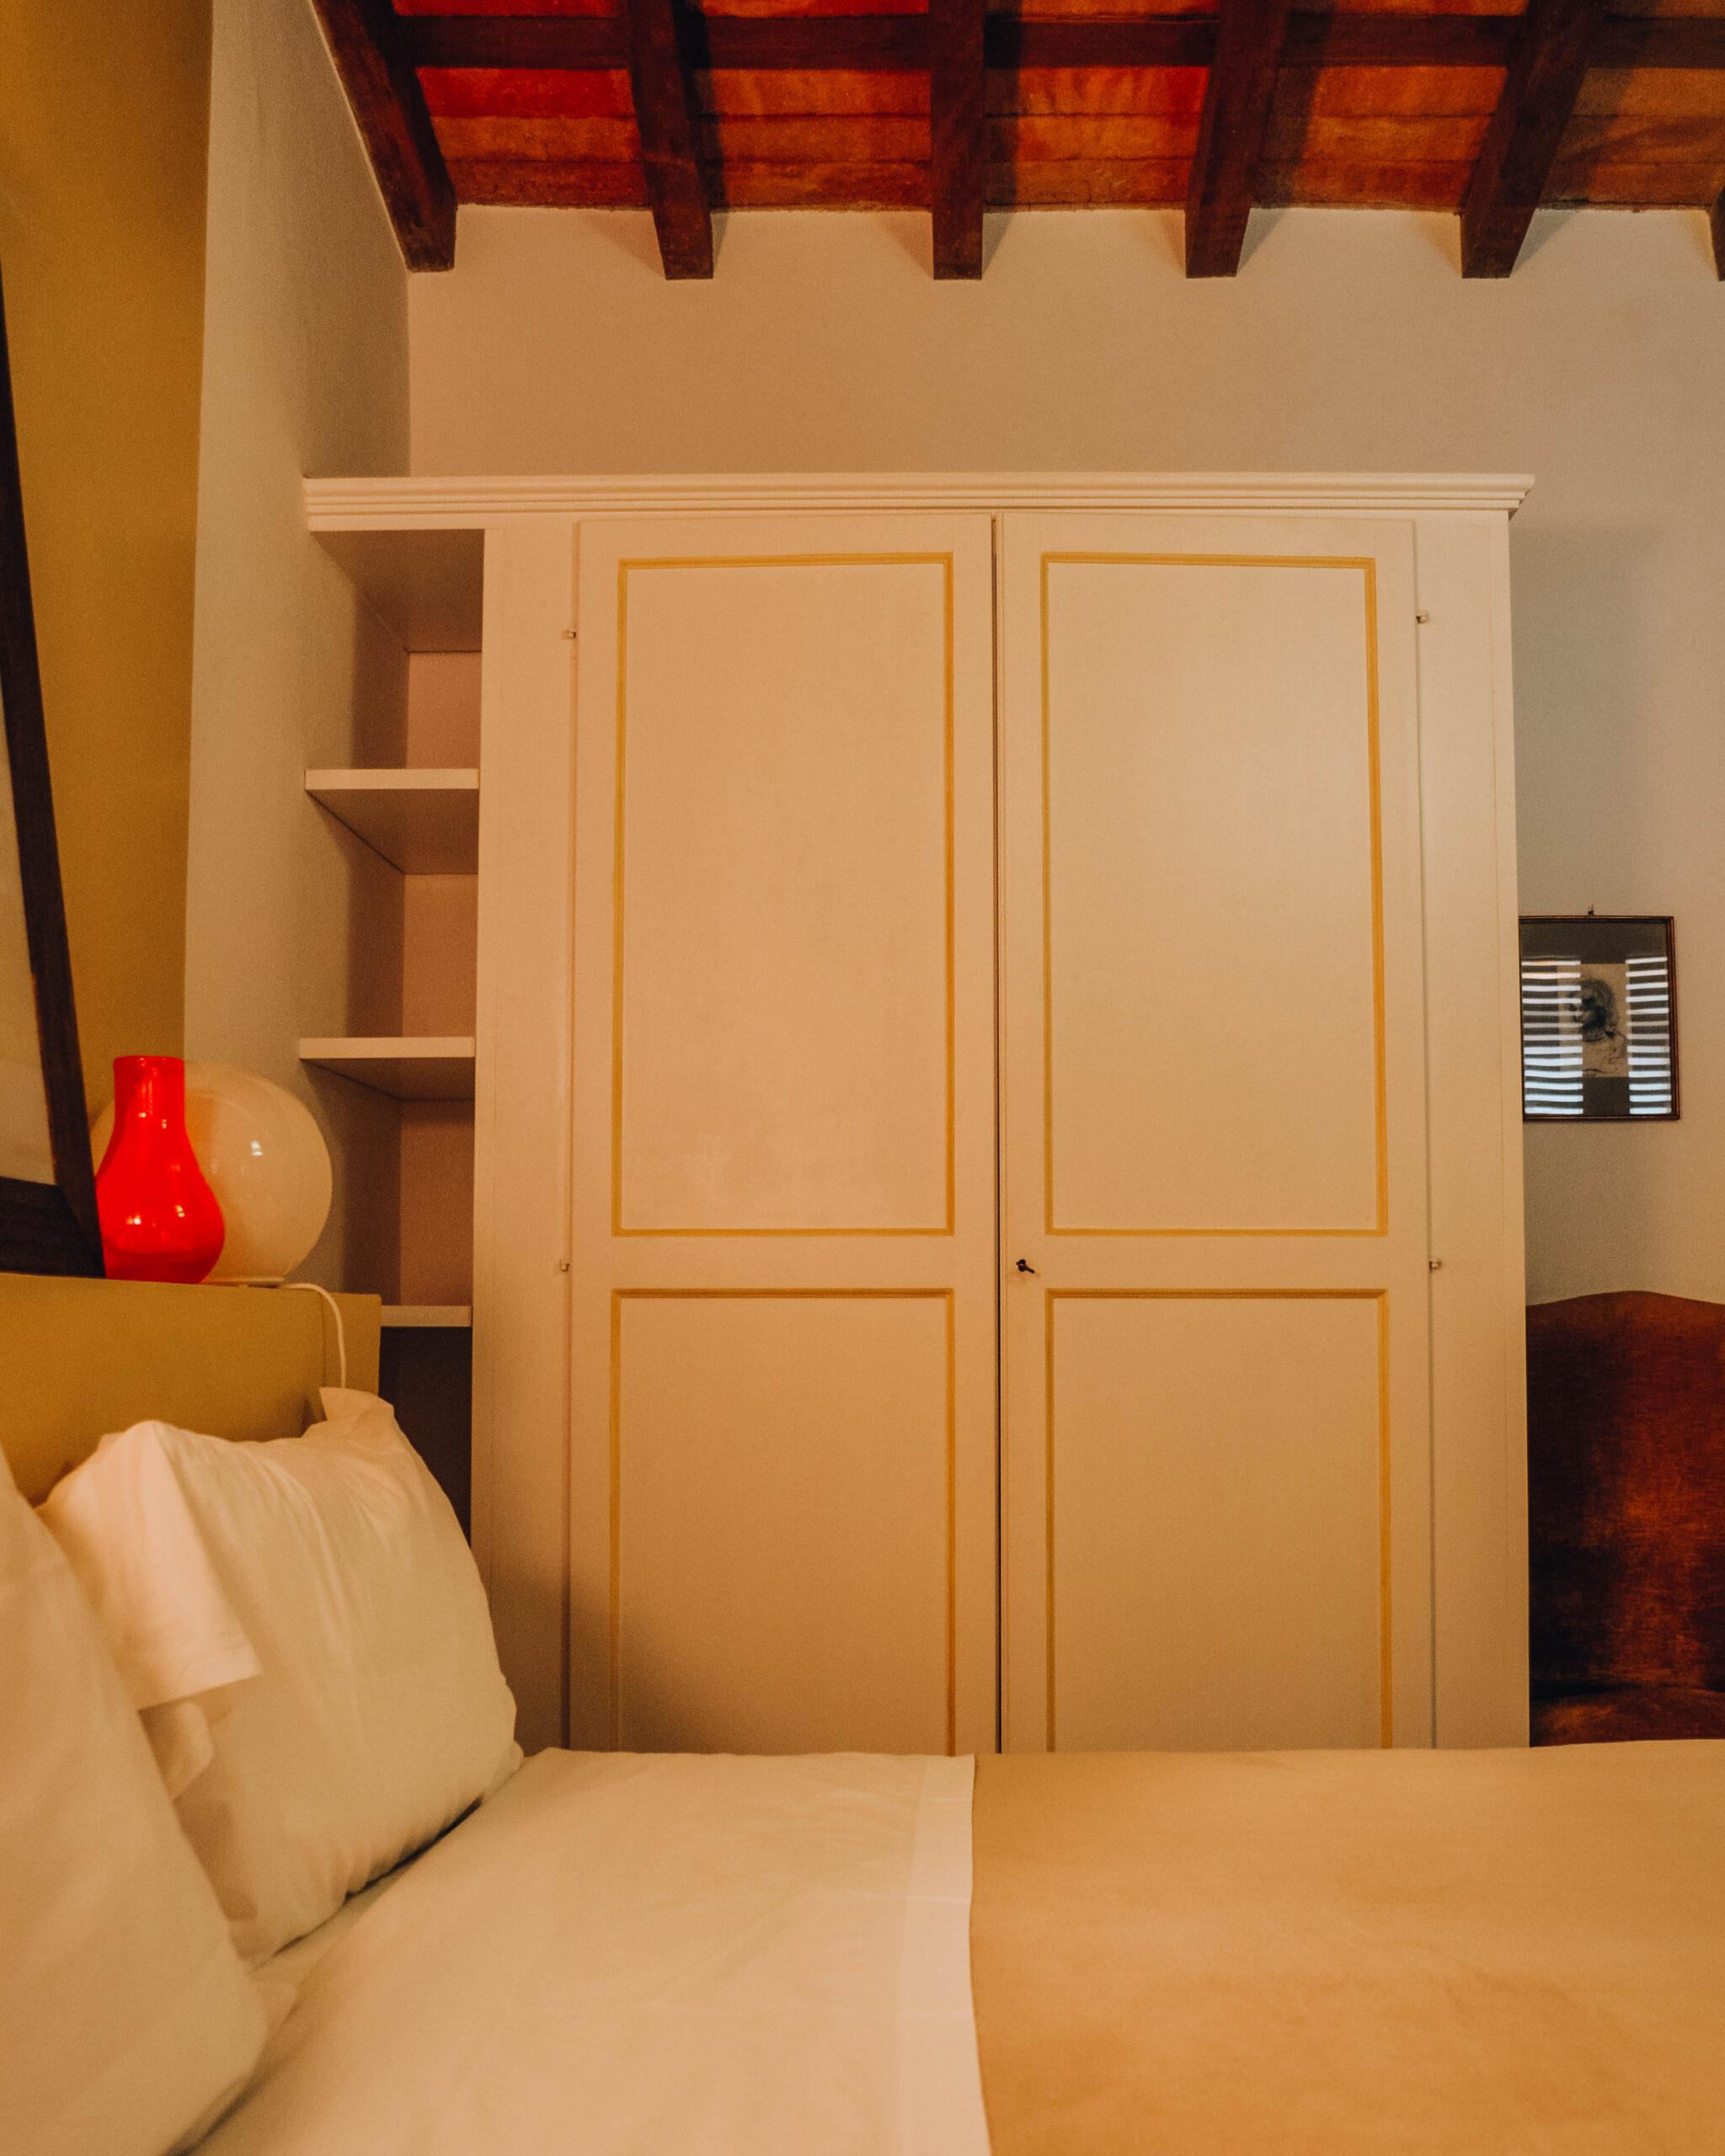 armadio in stanza con dettagli gialli